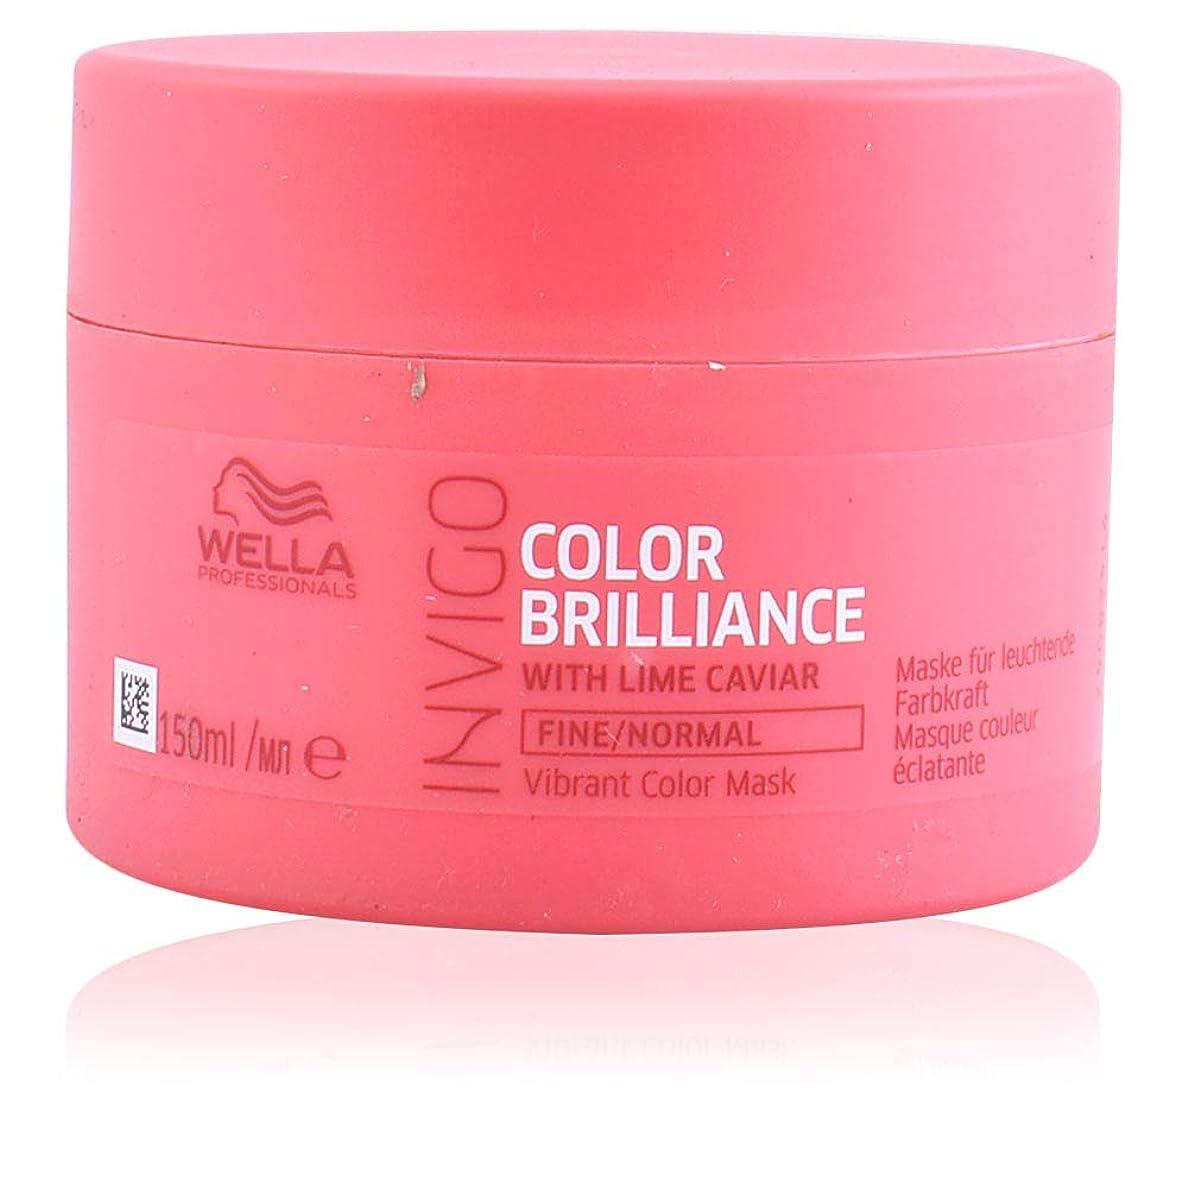 オフご注意バスウエラ インヴィゴ ファイン/ノーマル カラー マスク Wella Invigo Color Brilliance With Lime Caviar Fine/Normal Vibrant Color Mask 150 ml [並行輸入品]